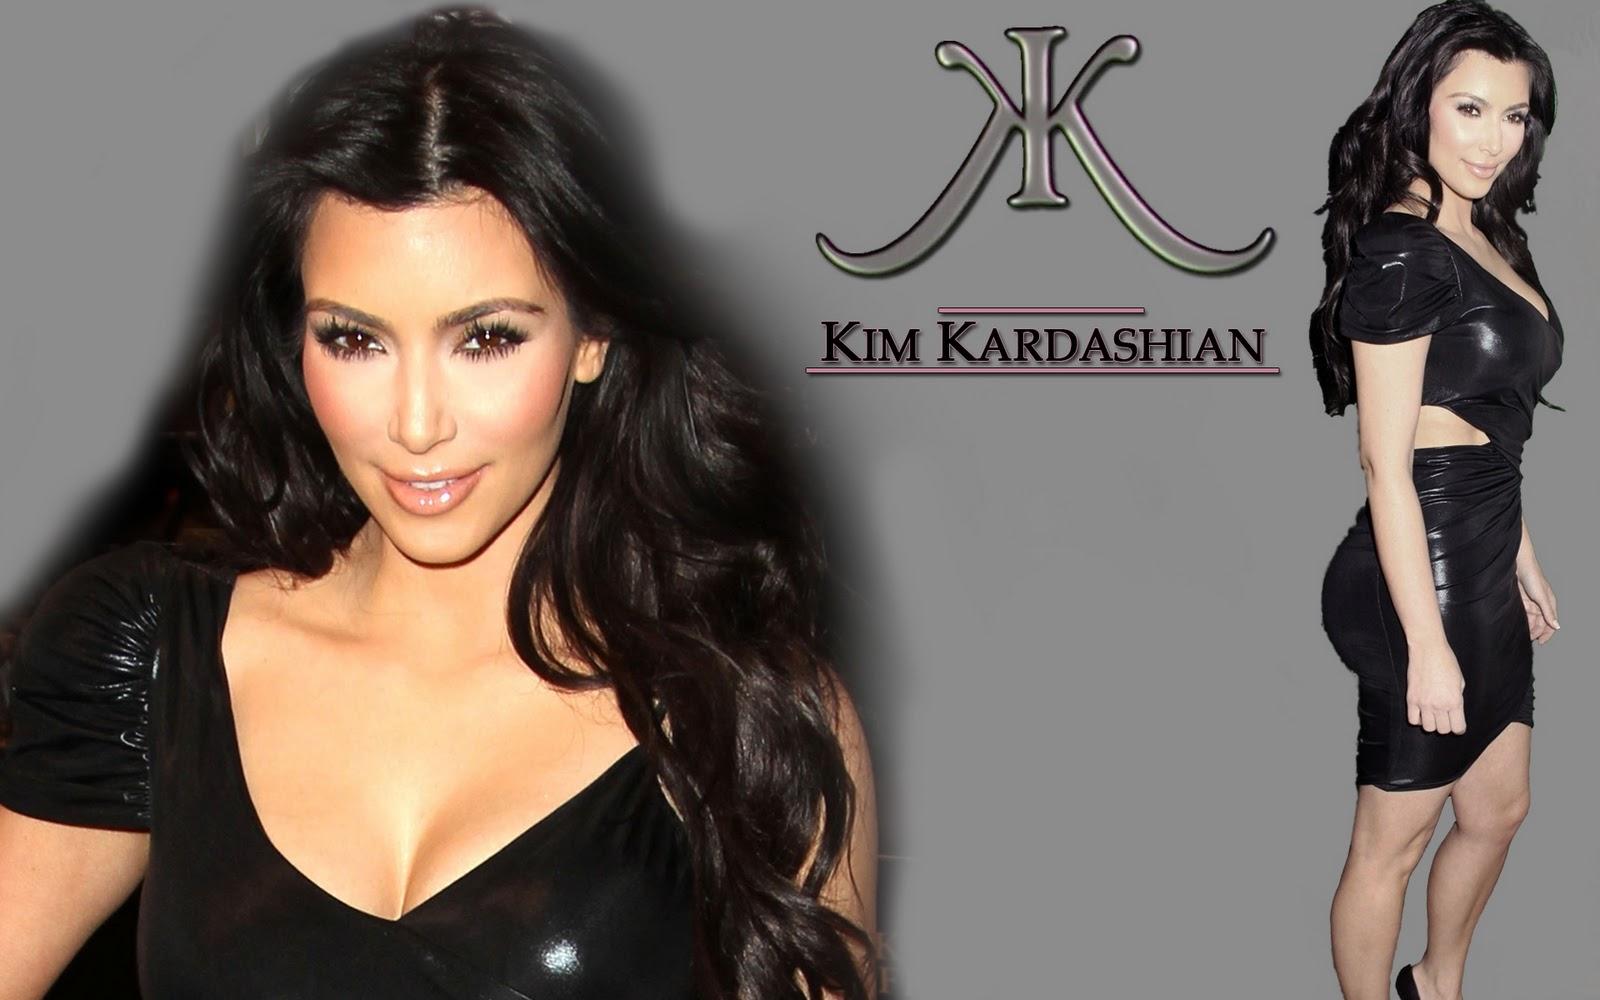 kim kardashian desktop wallpaper - photo #26